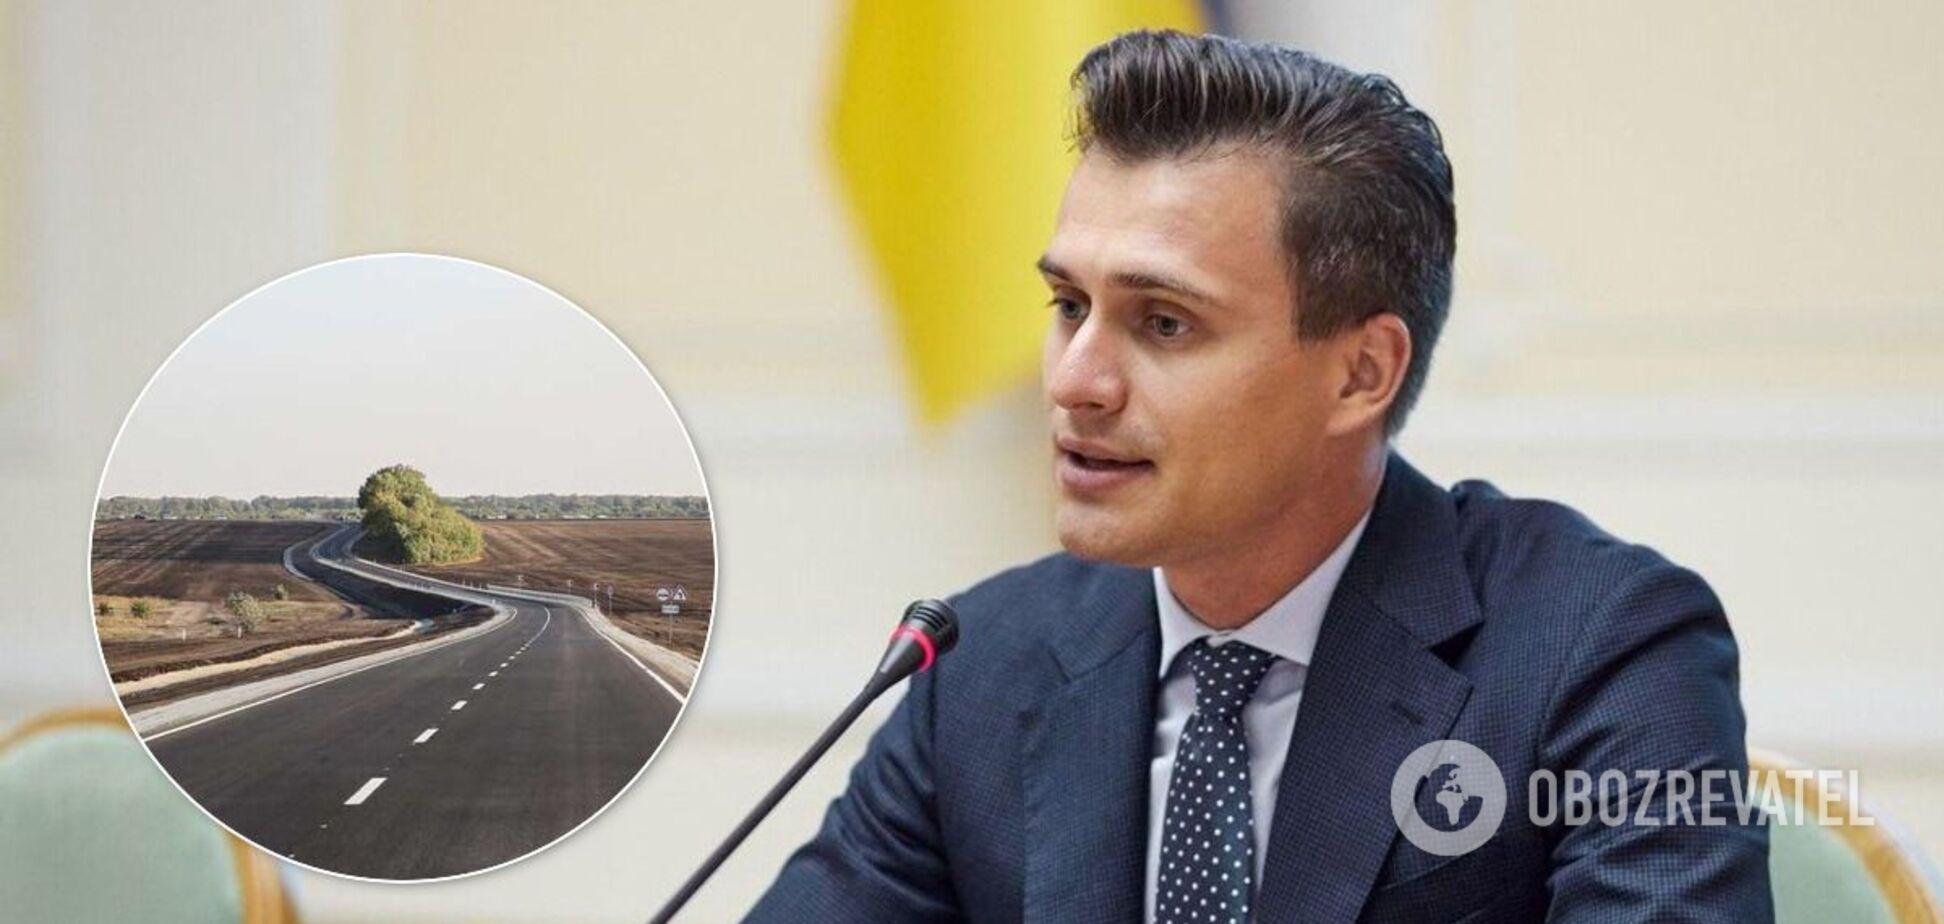 Скичко не стал отрицать, что хочет возглавить Министерство инфраструктуры